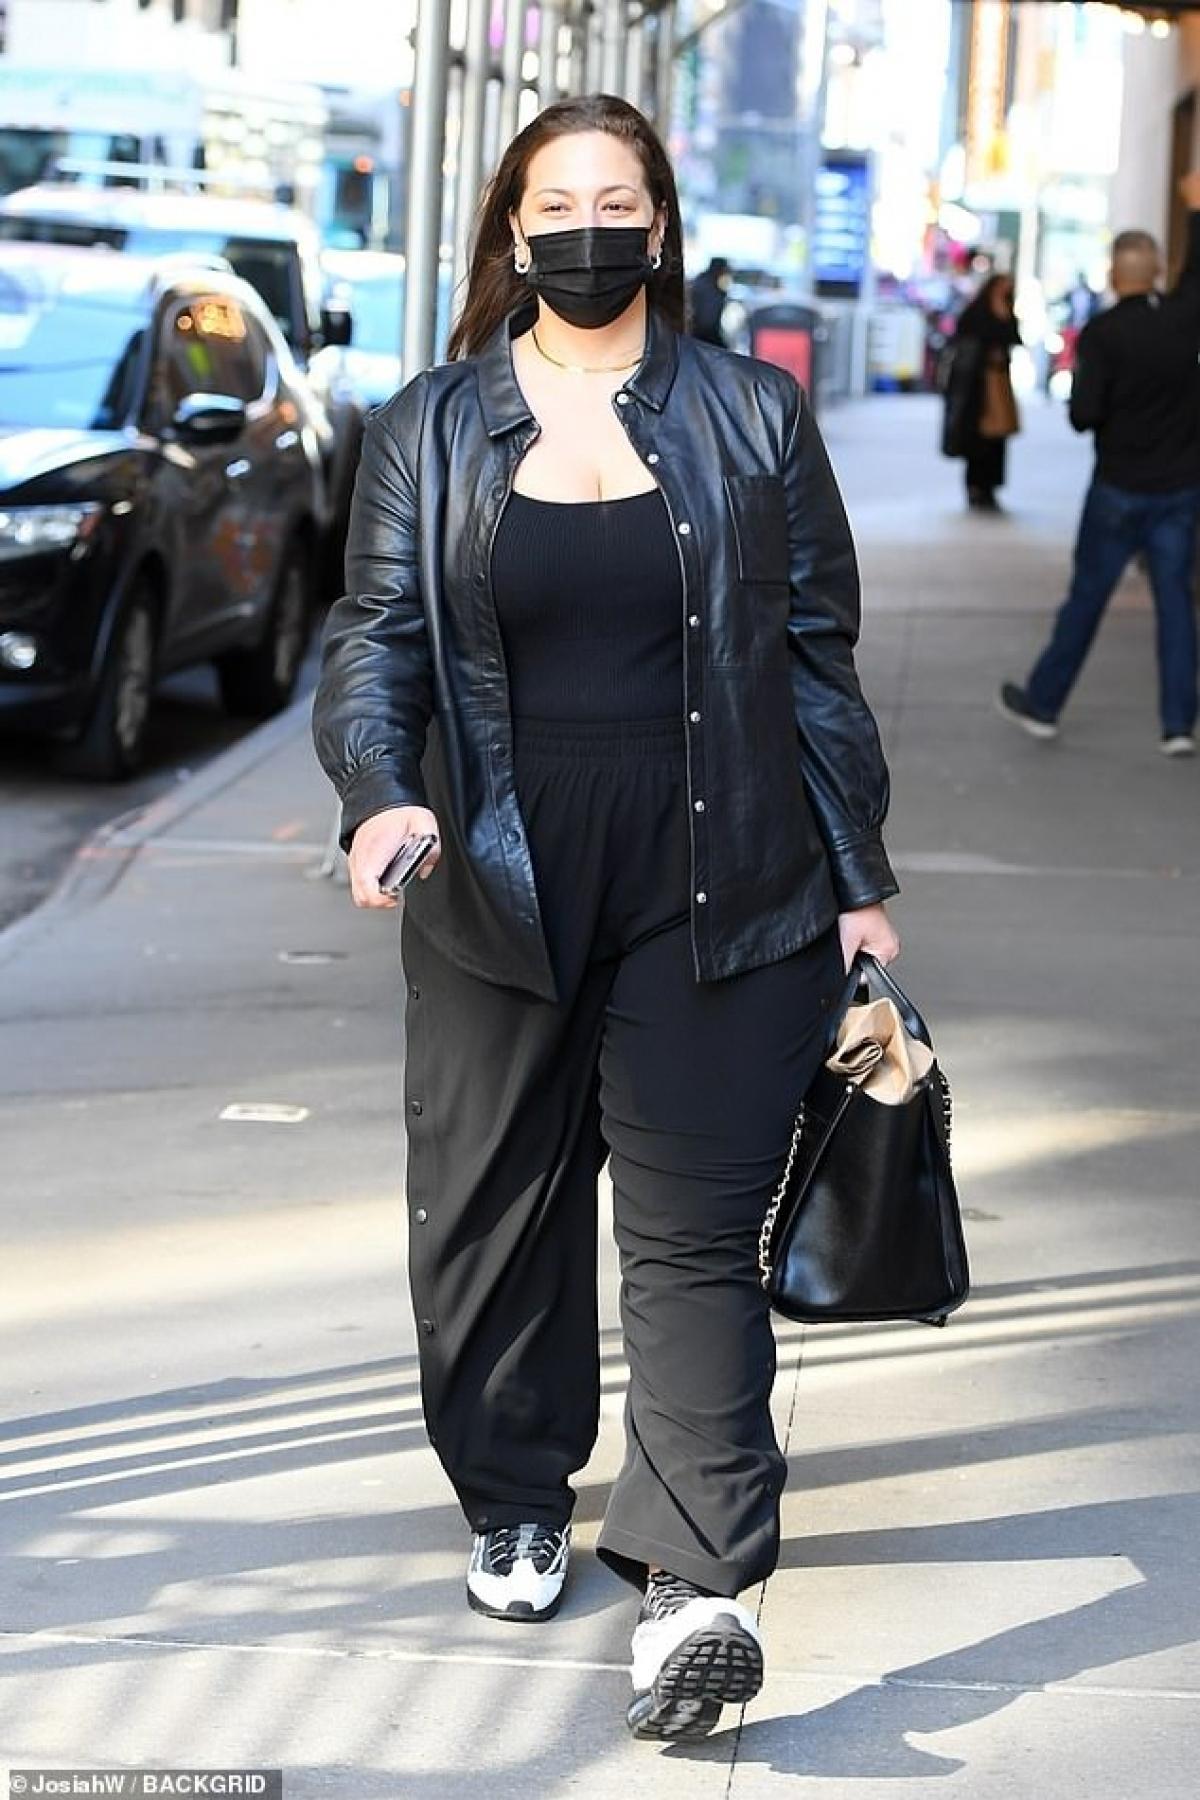 Ashley Graham là biểu tượng mới của làng mẫu khi không sở hữu thân hình mảnh mai nhưng vẫn nổi tiếng.